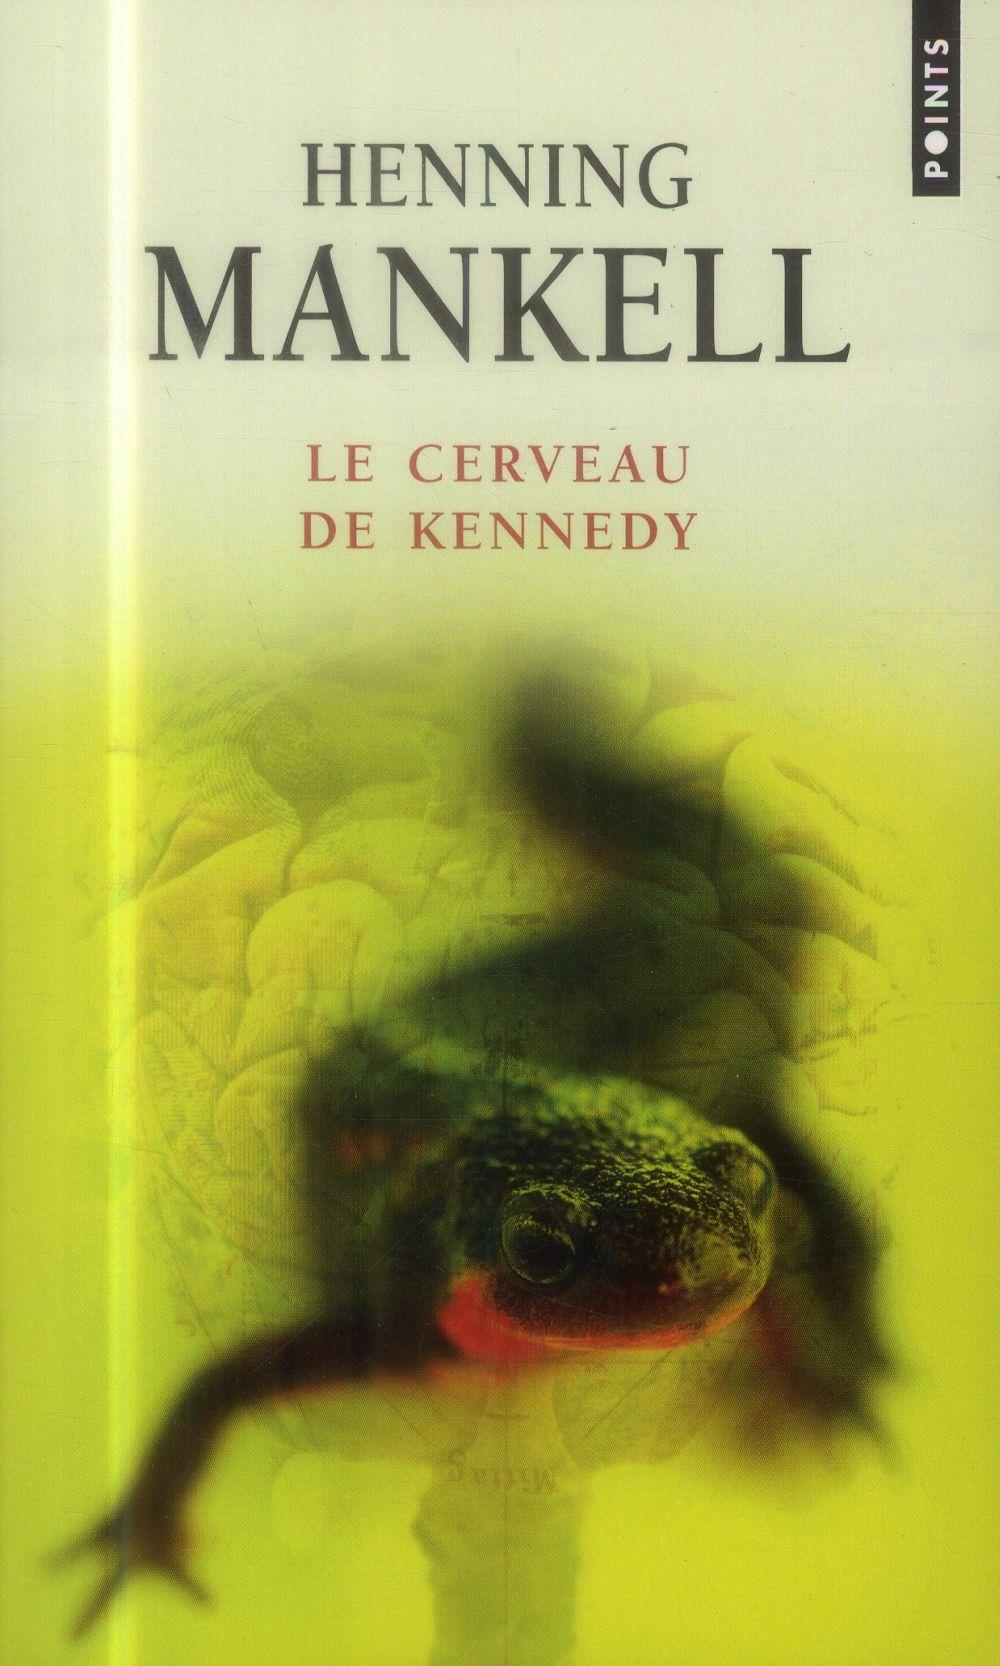 LE CERVEAU DE KENNEDY